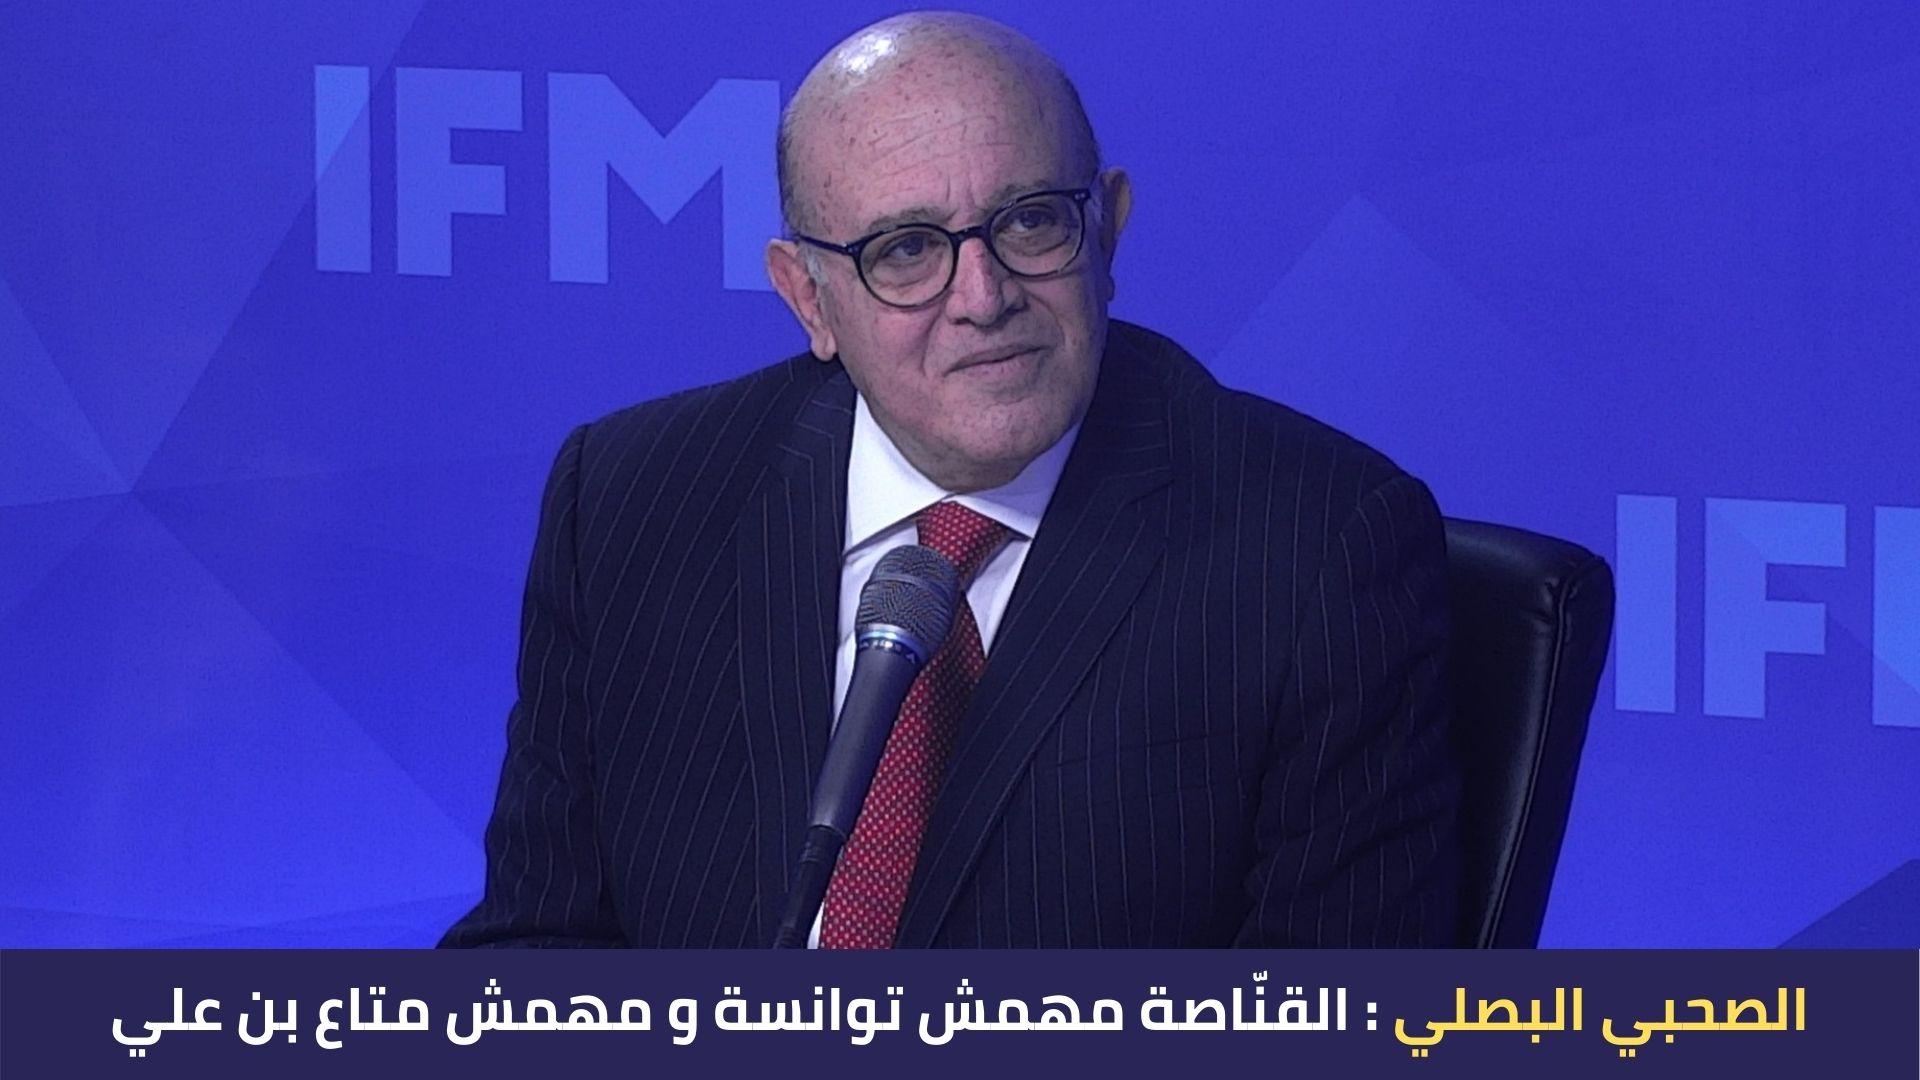 الصحبي البصلي : القنّاصة مهمش توانسة و مهمش متاع بن علي